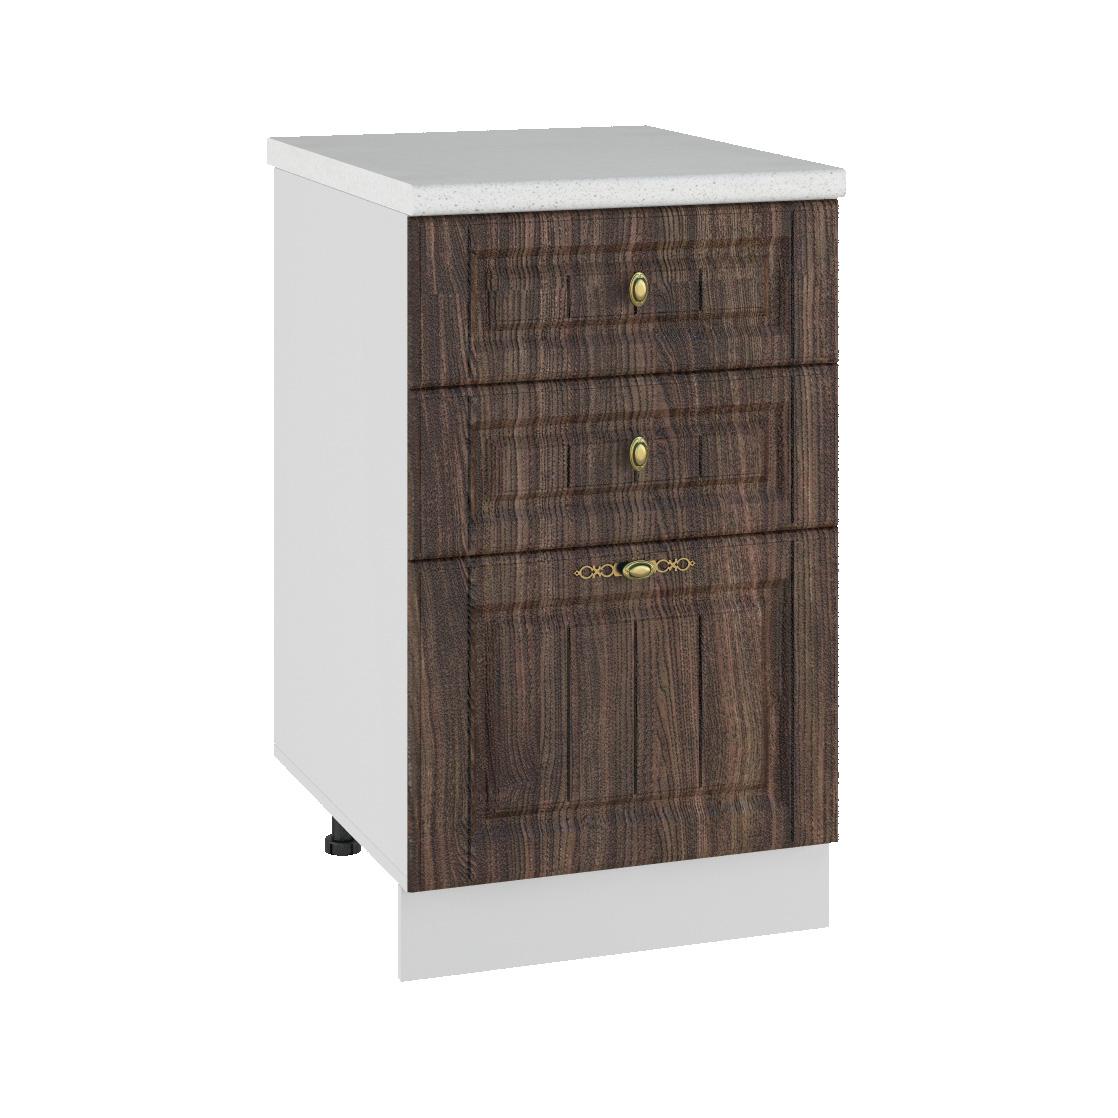 Кухня Империя СЯ 500 Шкаф нижний с ящиками